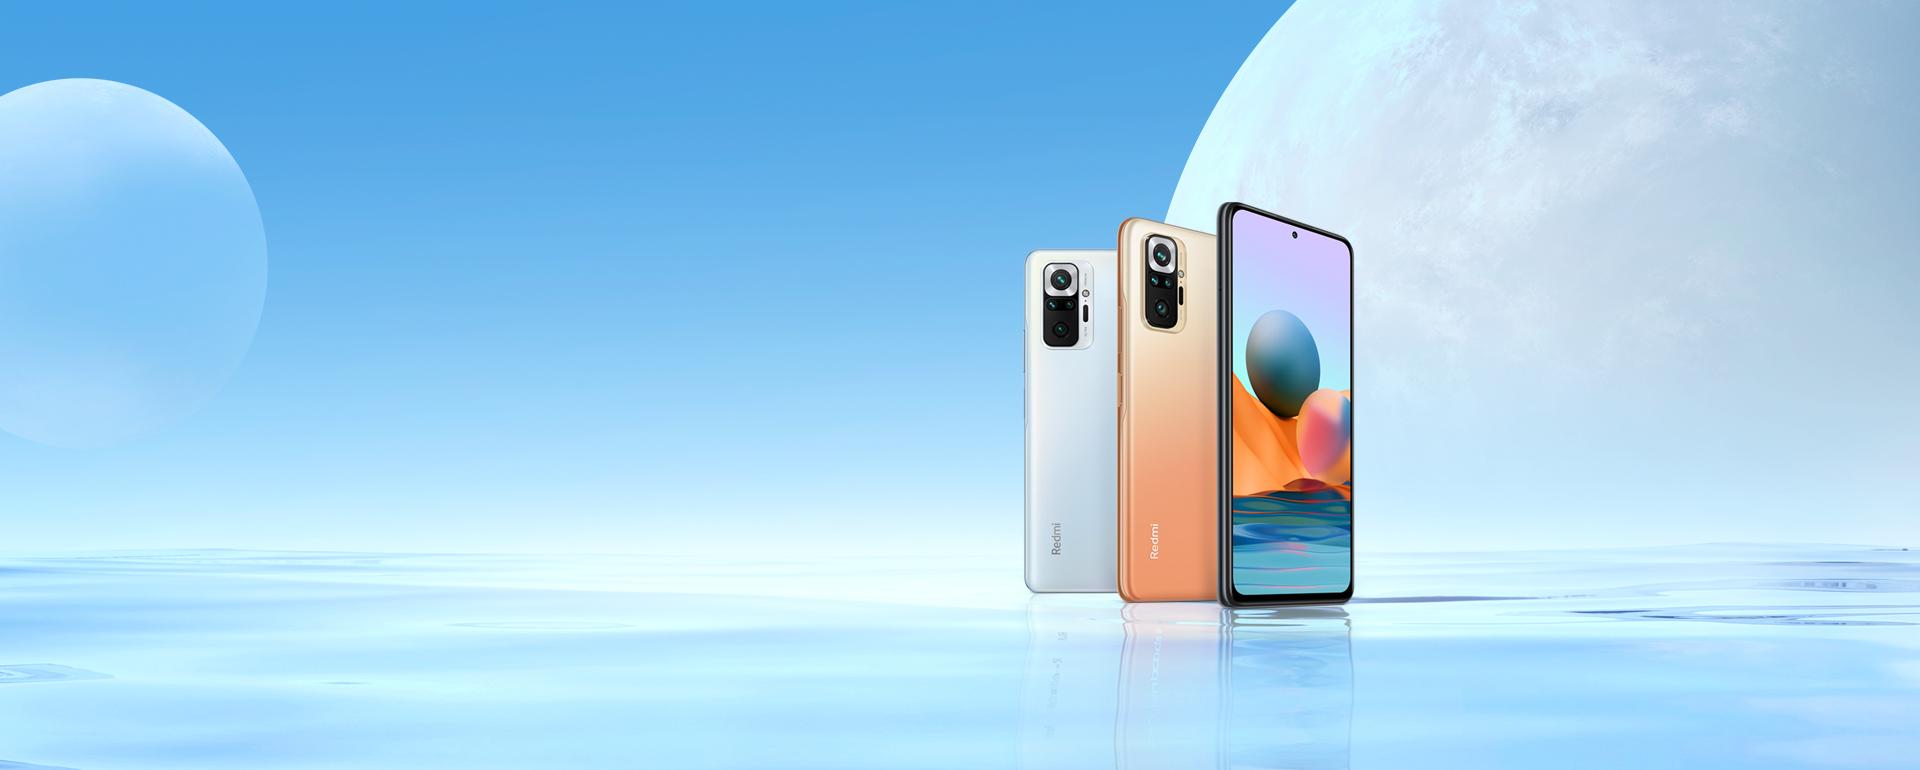 Xiaomi đã vươn lên trở thành nhà sản xuất smartphone lớn thứ 3 thế giới, sau Samsung và Apple